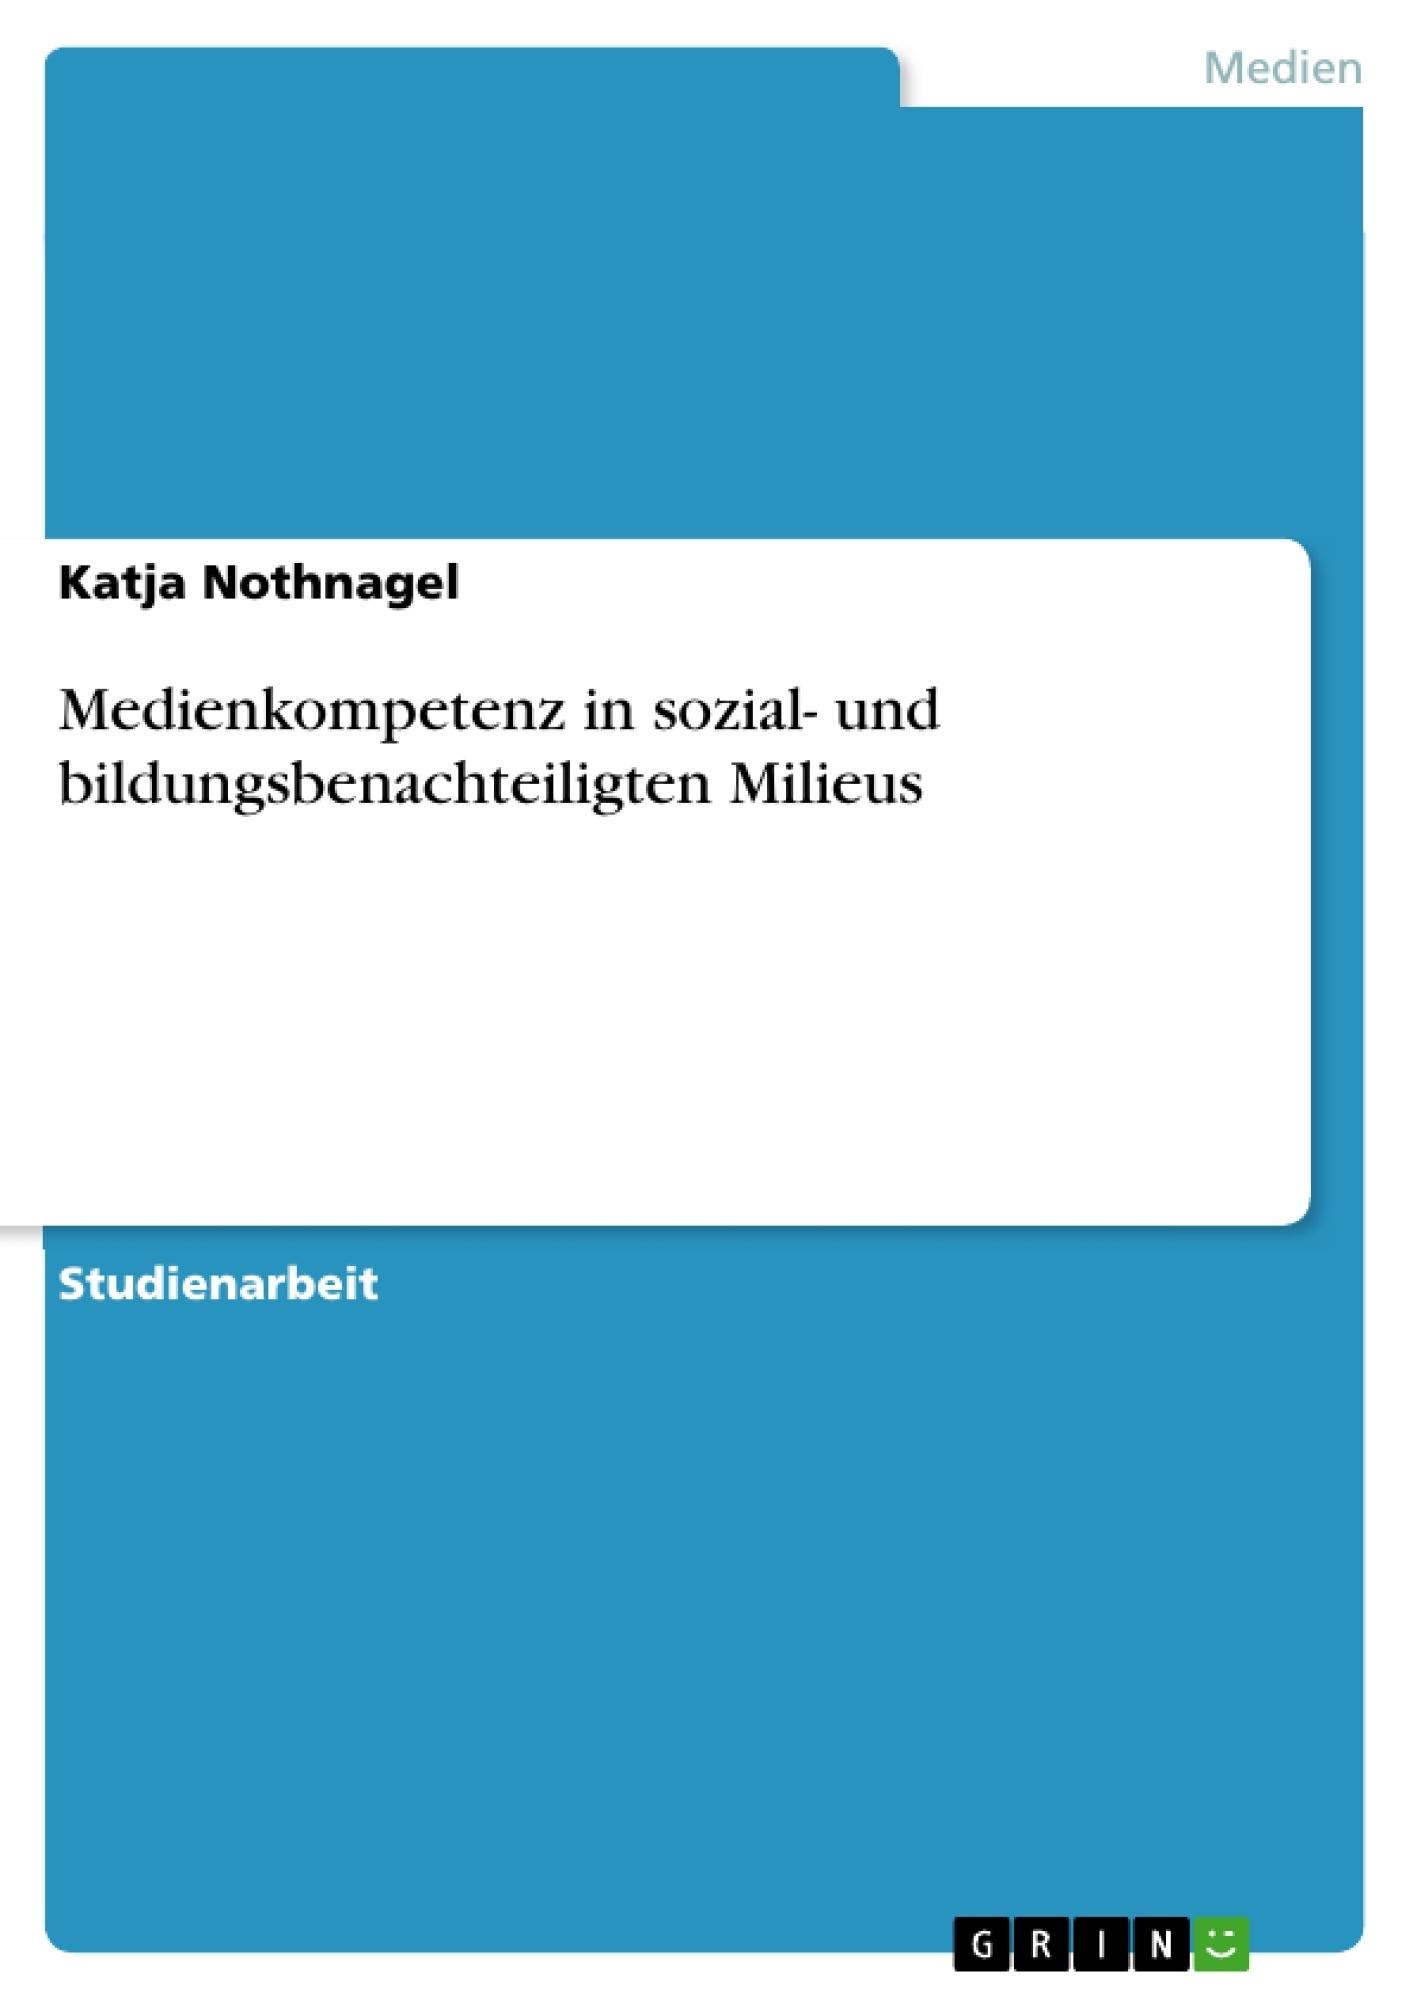 Titel: Medienkompetenz in sozial- und bildungsbenachteiligten Milieus